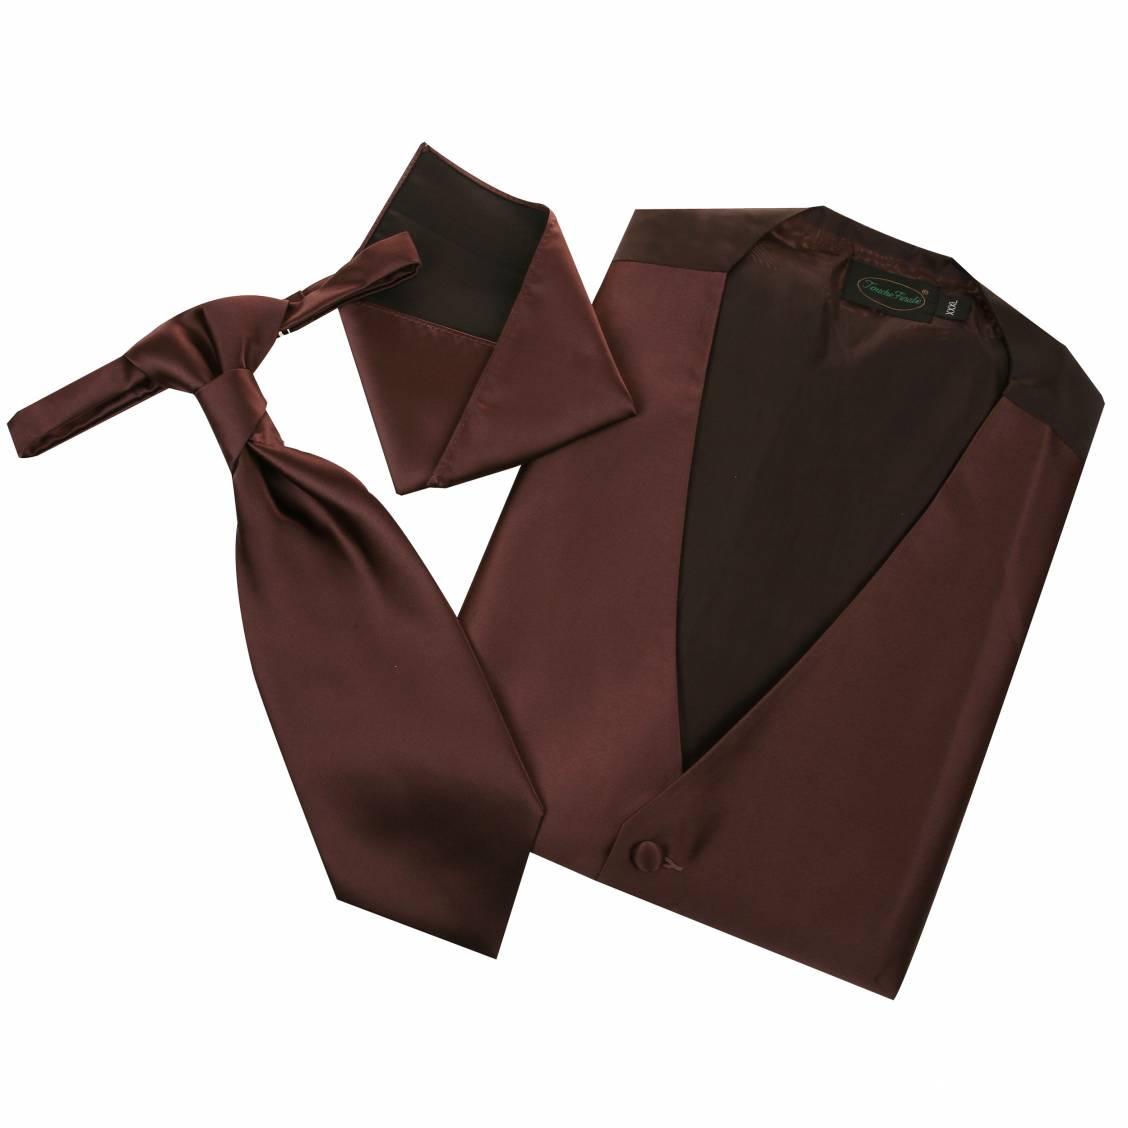 Set de cérémonie: gilet, cravalière et pochette ton marron glacé. Set de cérémonie composé d'un gilet